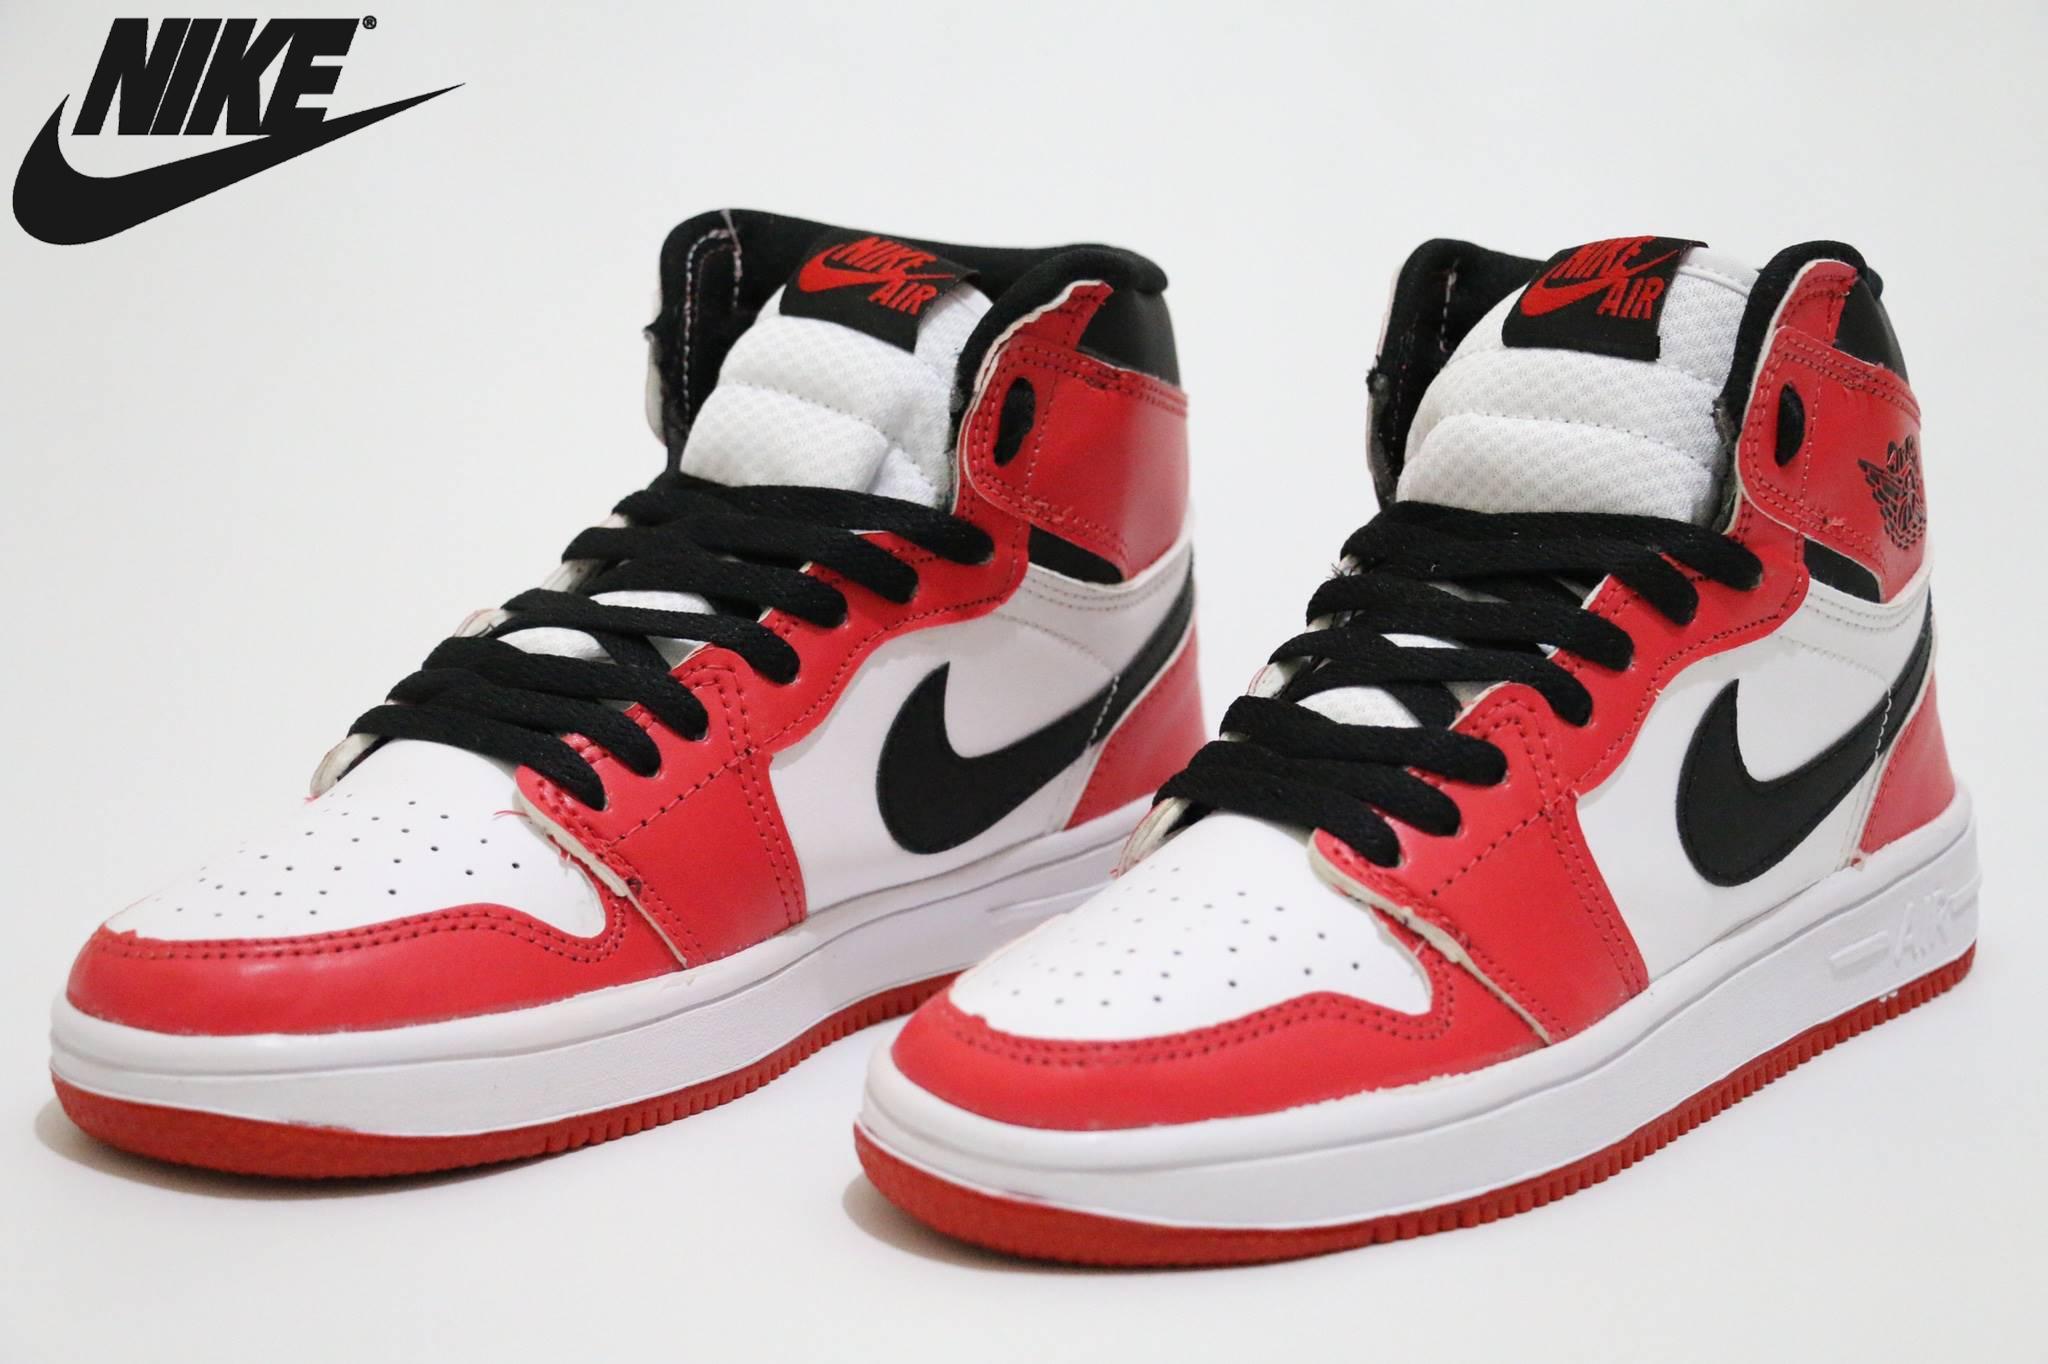 Jual Produk Nike Original | lazada.co.id